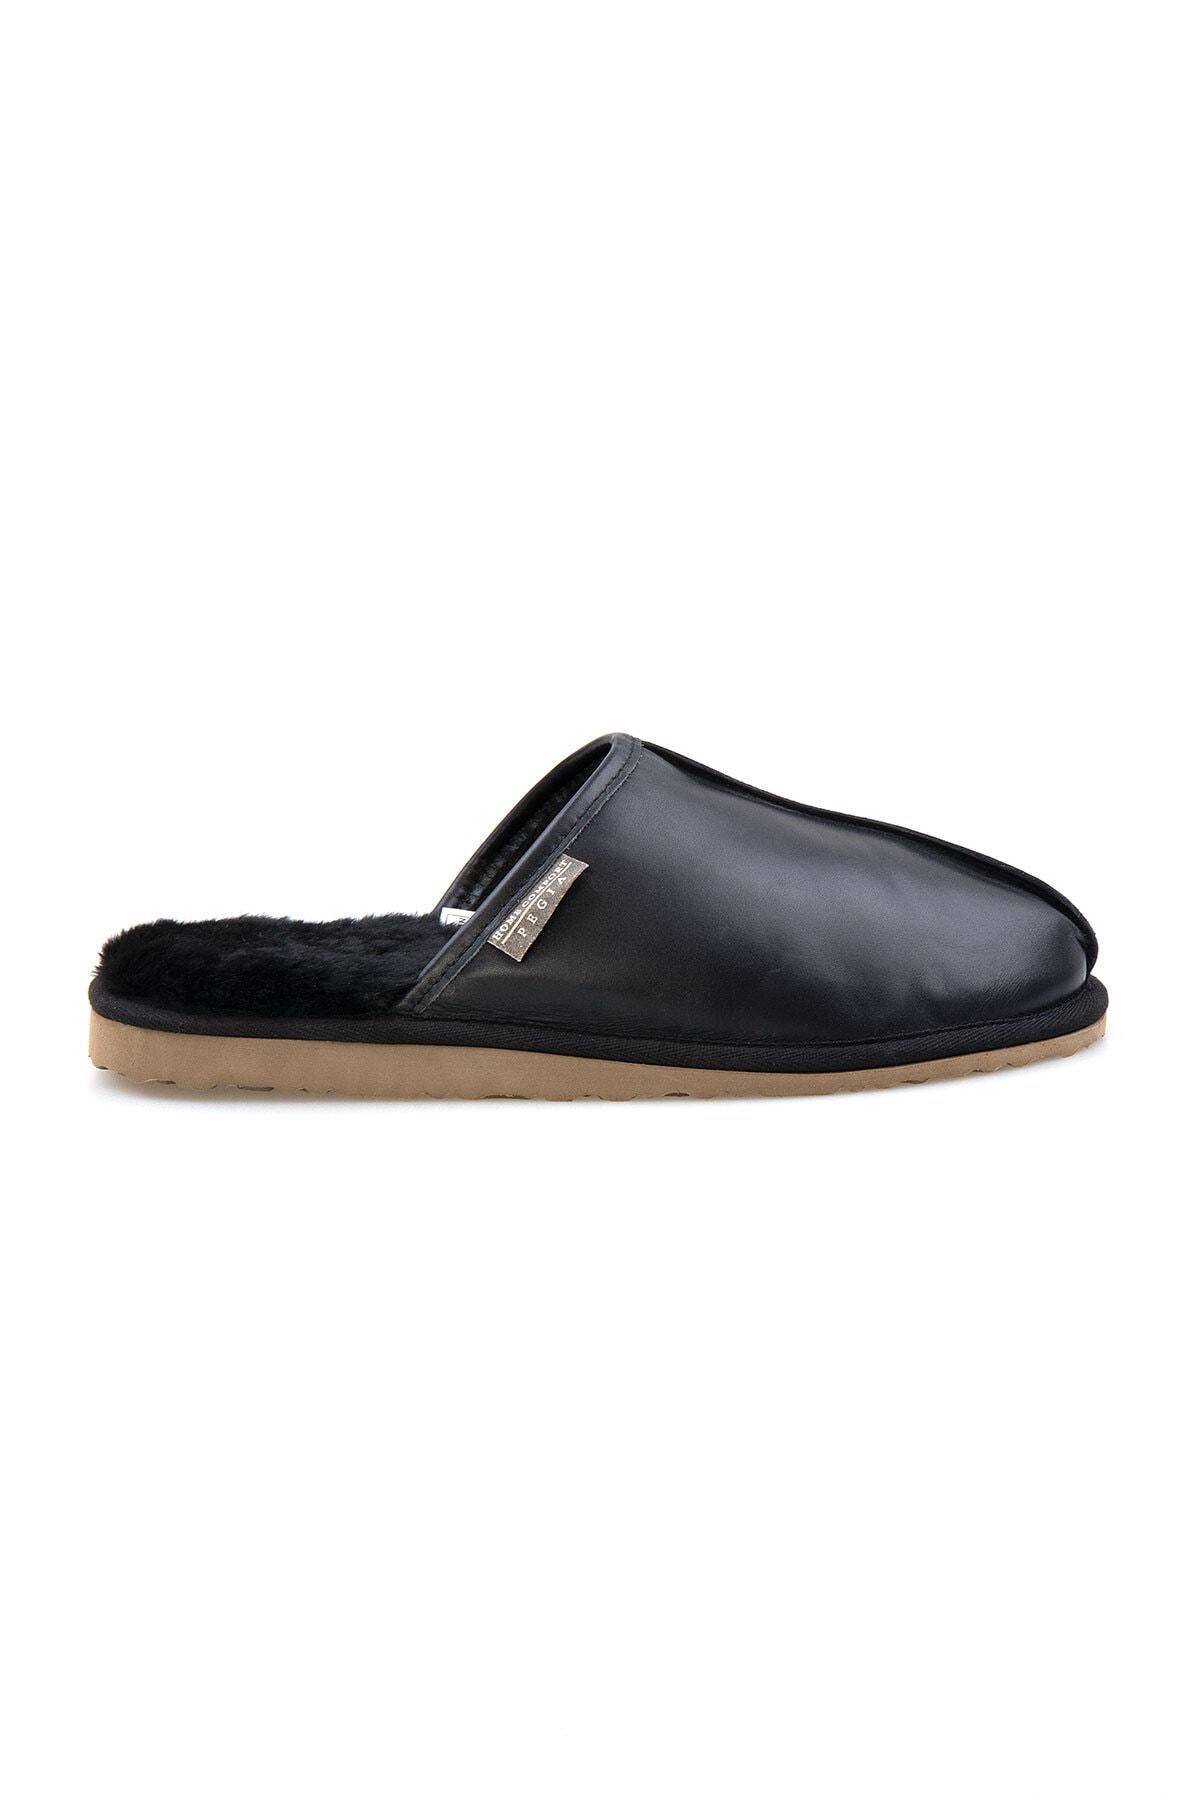 Pegia Erkek Siyah Deri Kürklü Ev Ayakkabısı 111012 0